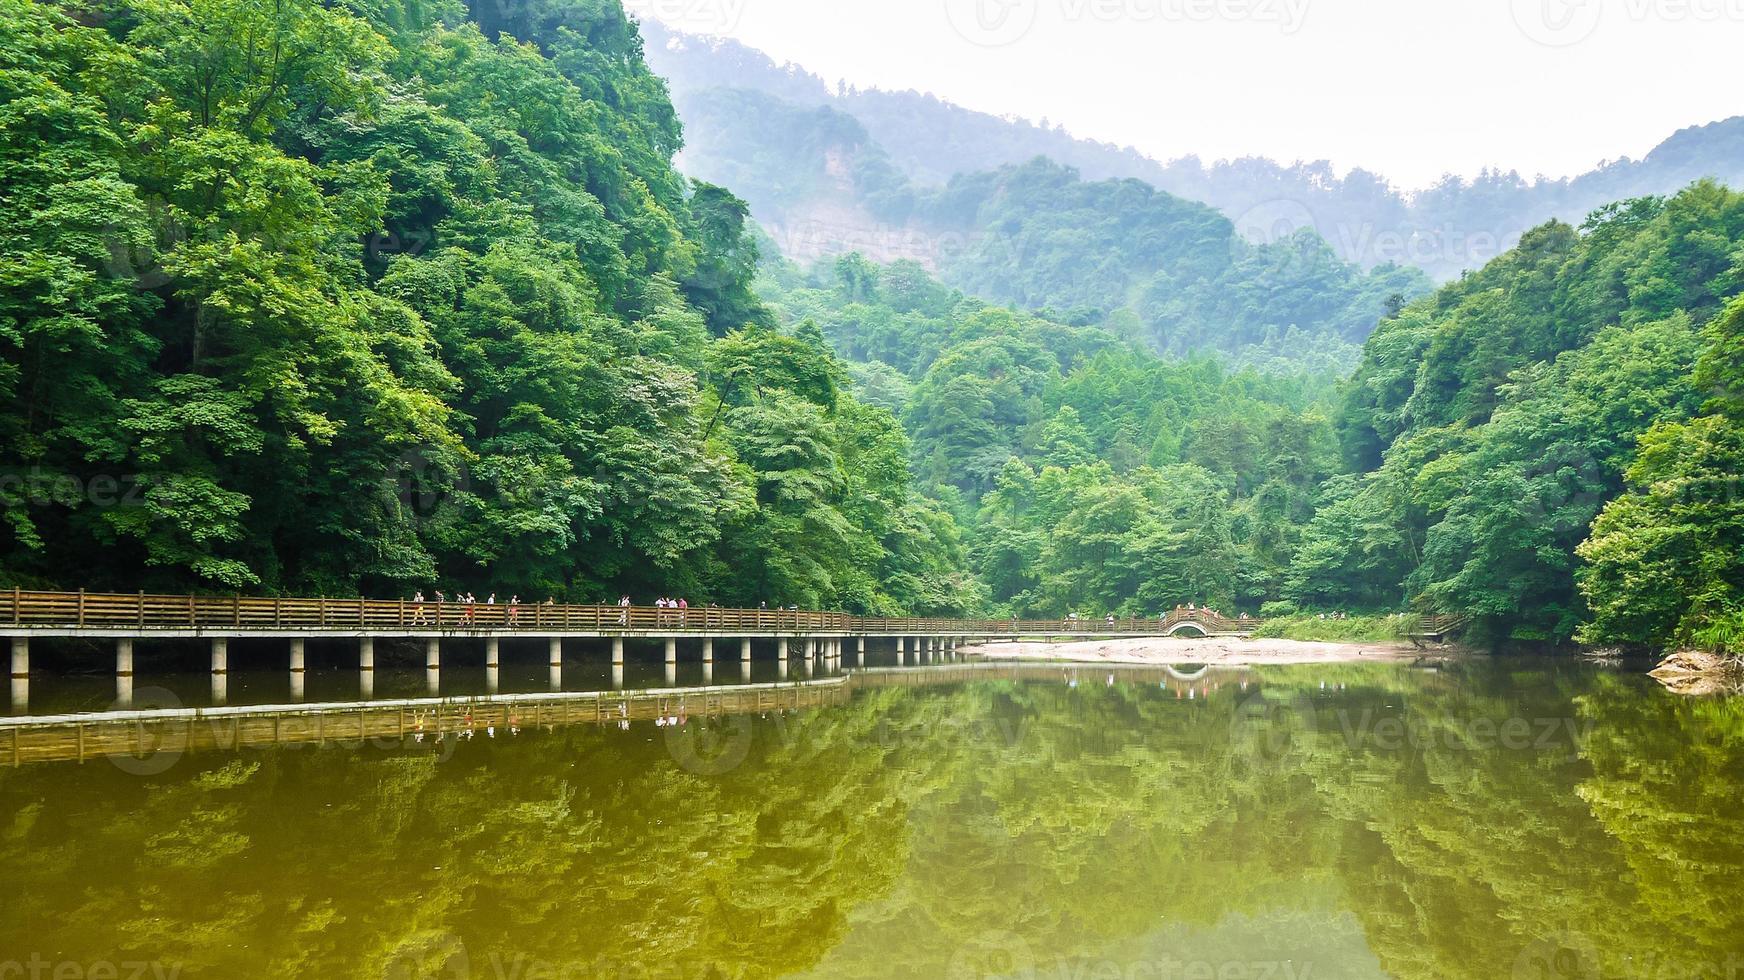 Yuecheng lake at Mount Qingcheng, China photo